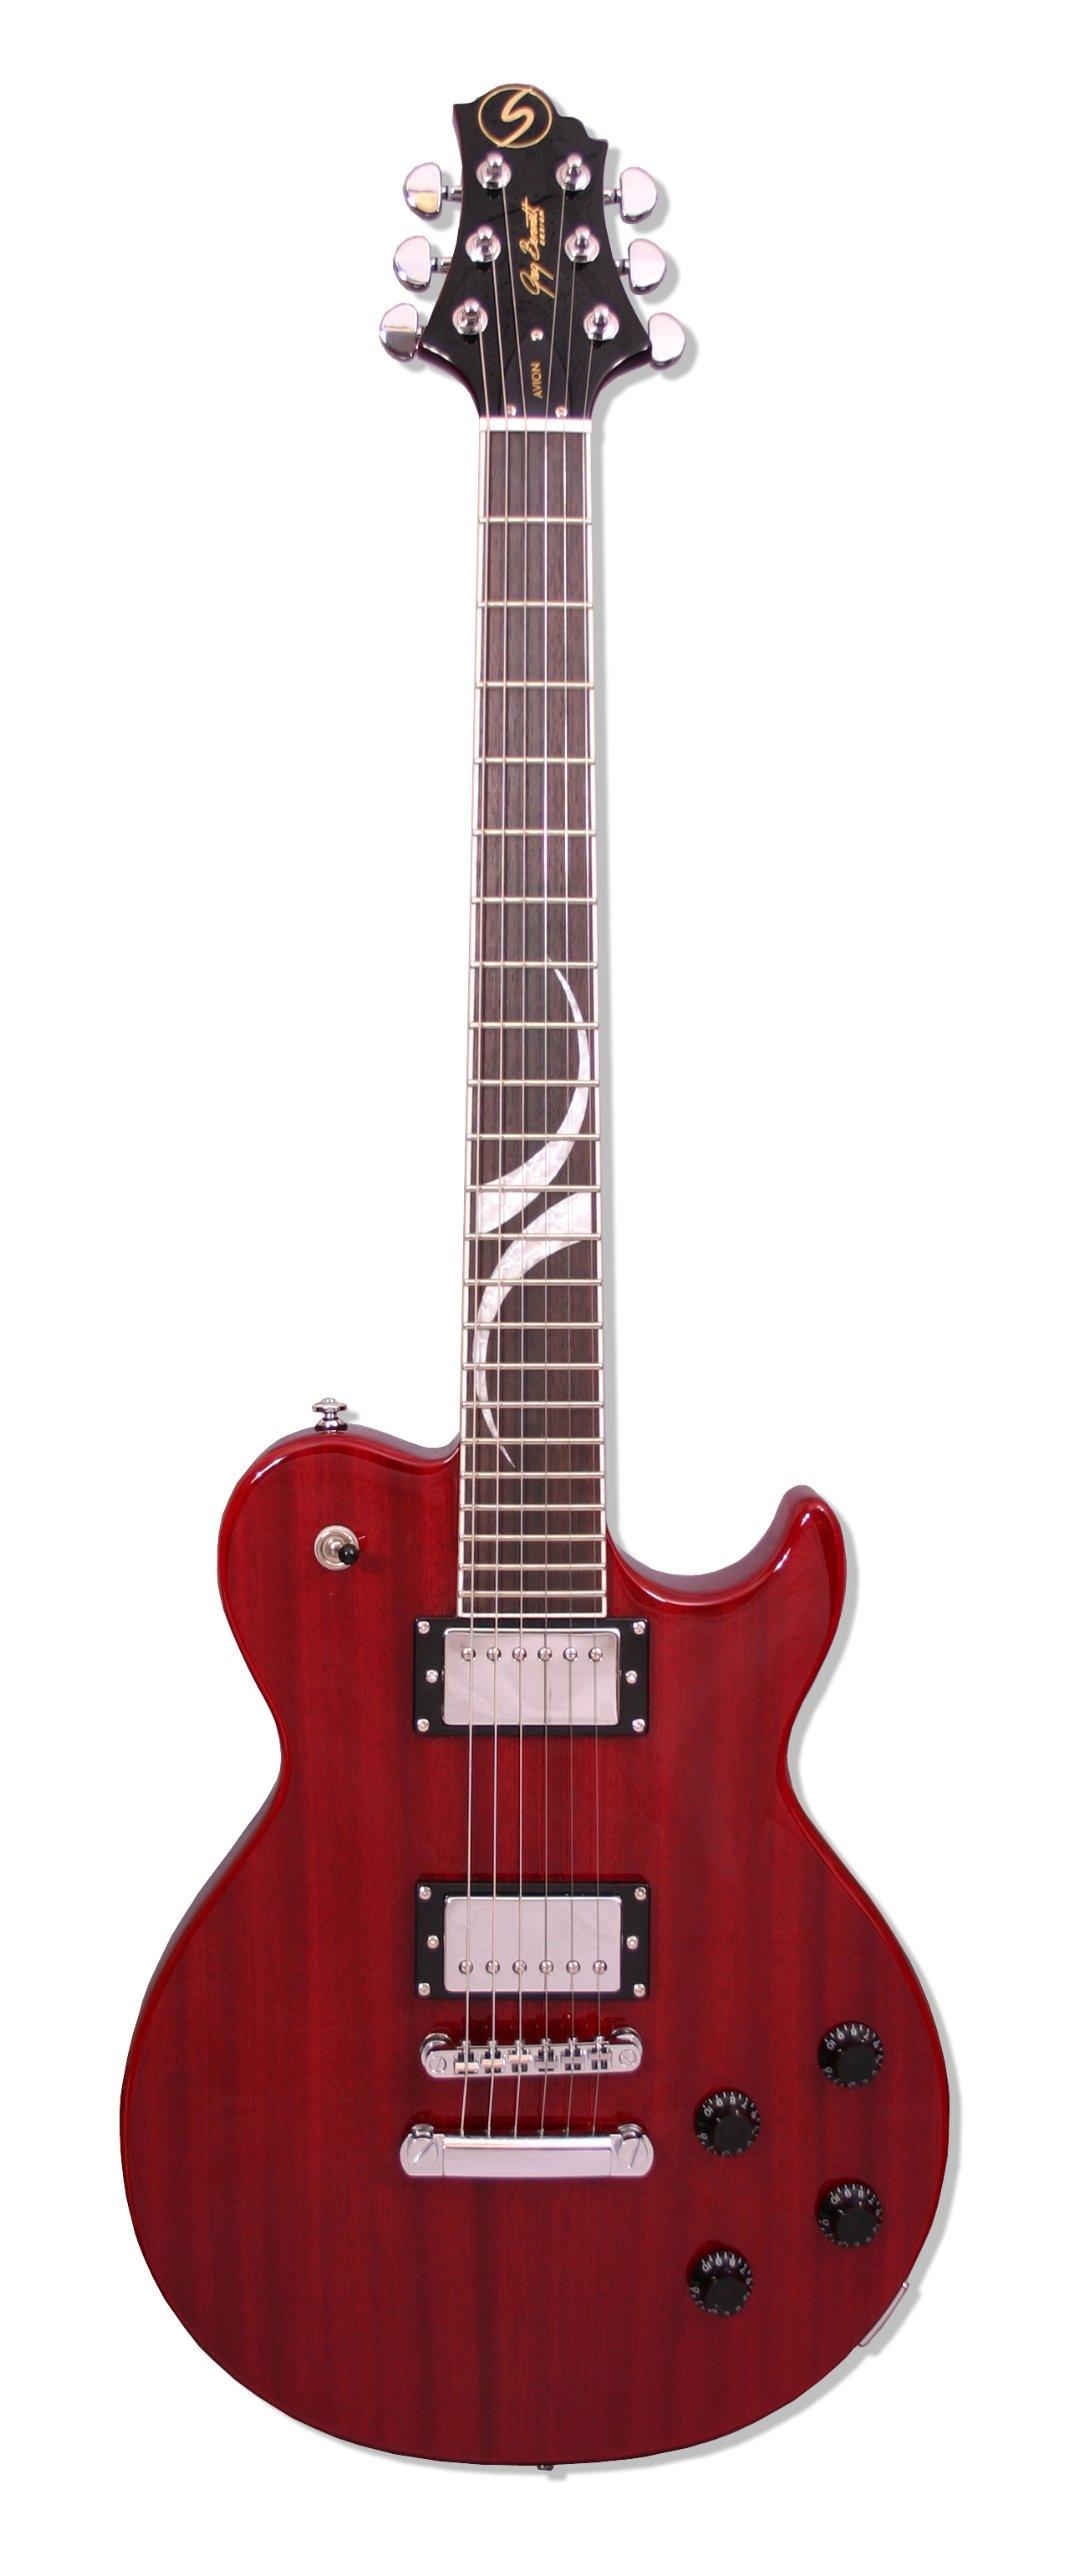 Cheap Samick Greg Bennett Design AV20 Electric Guitar Wine Red Black Friday & Cyber Monday 2019